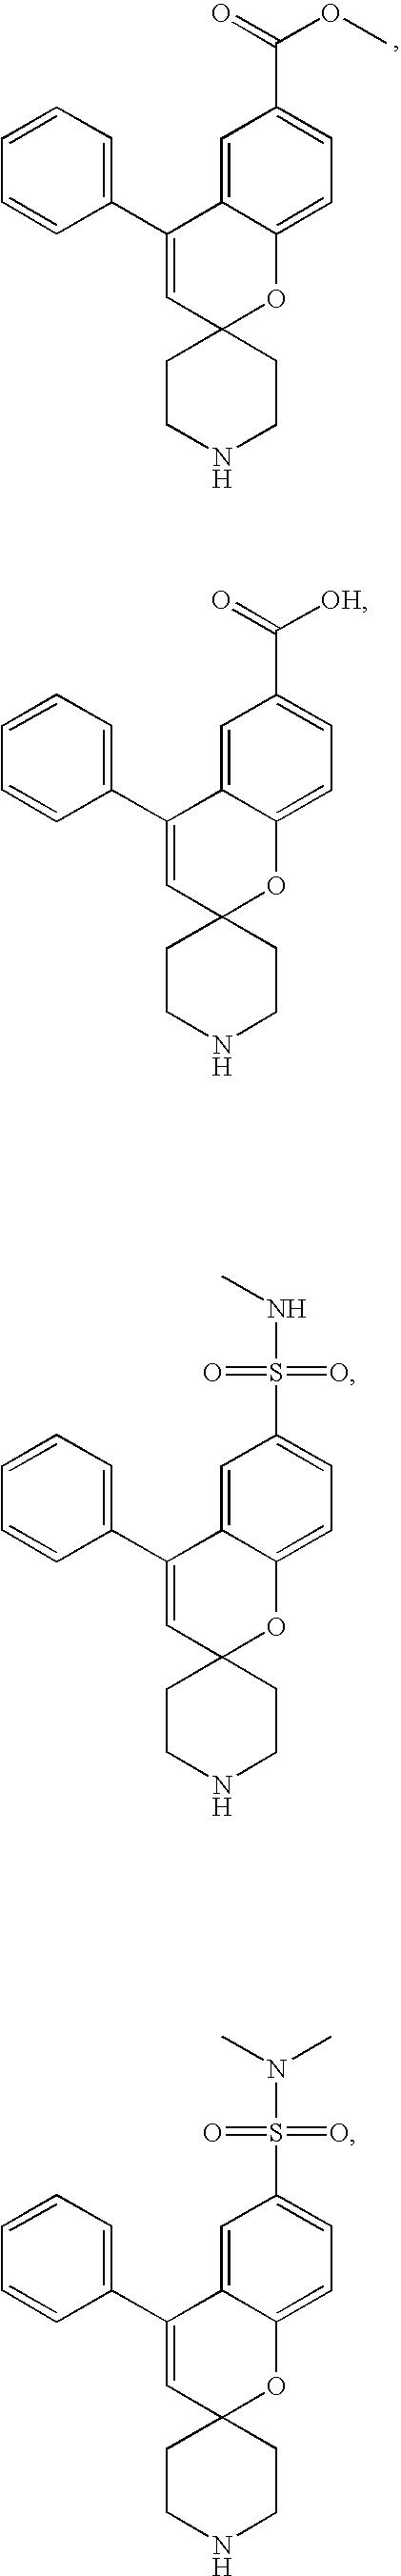 Figure US07598261-20091006-C00067